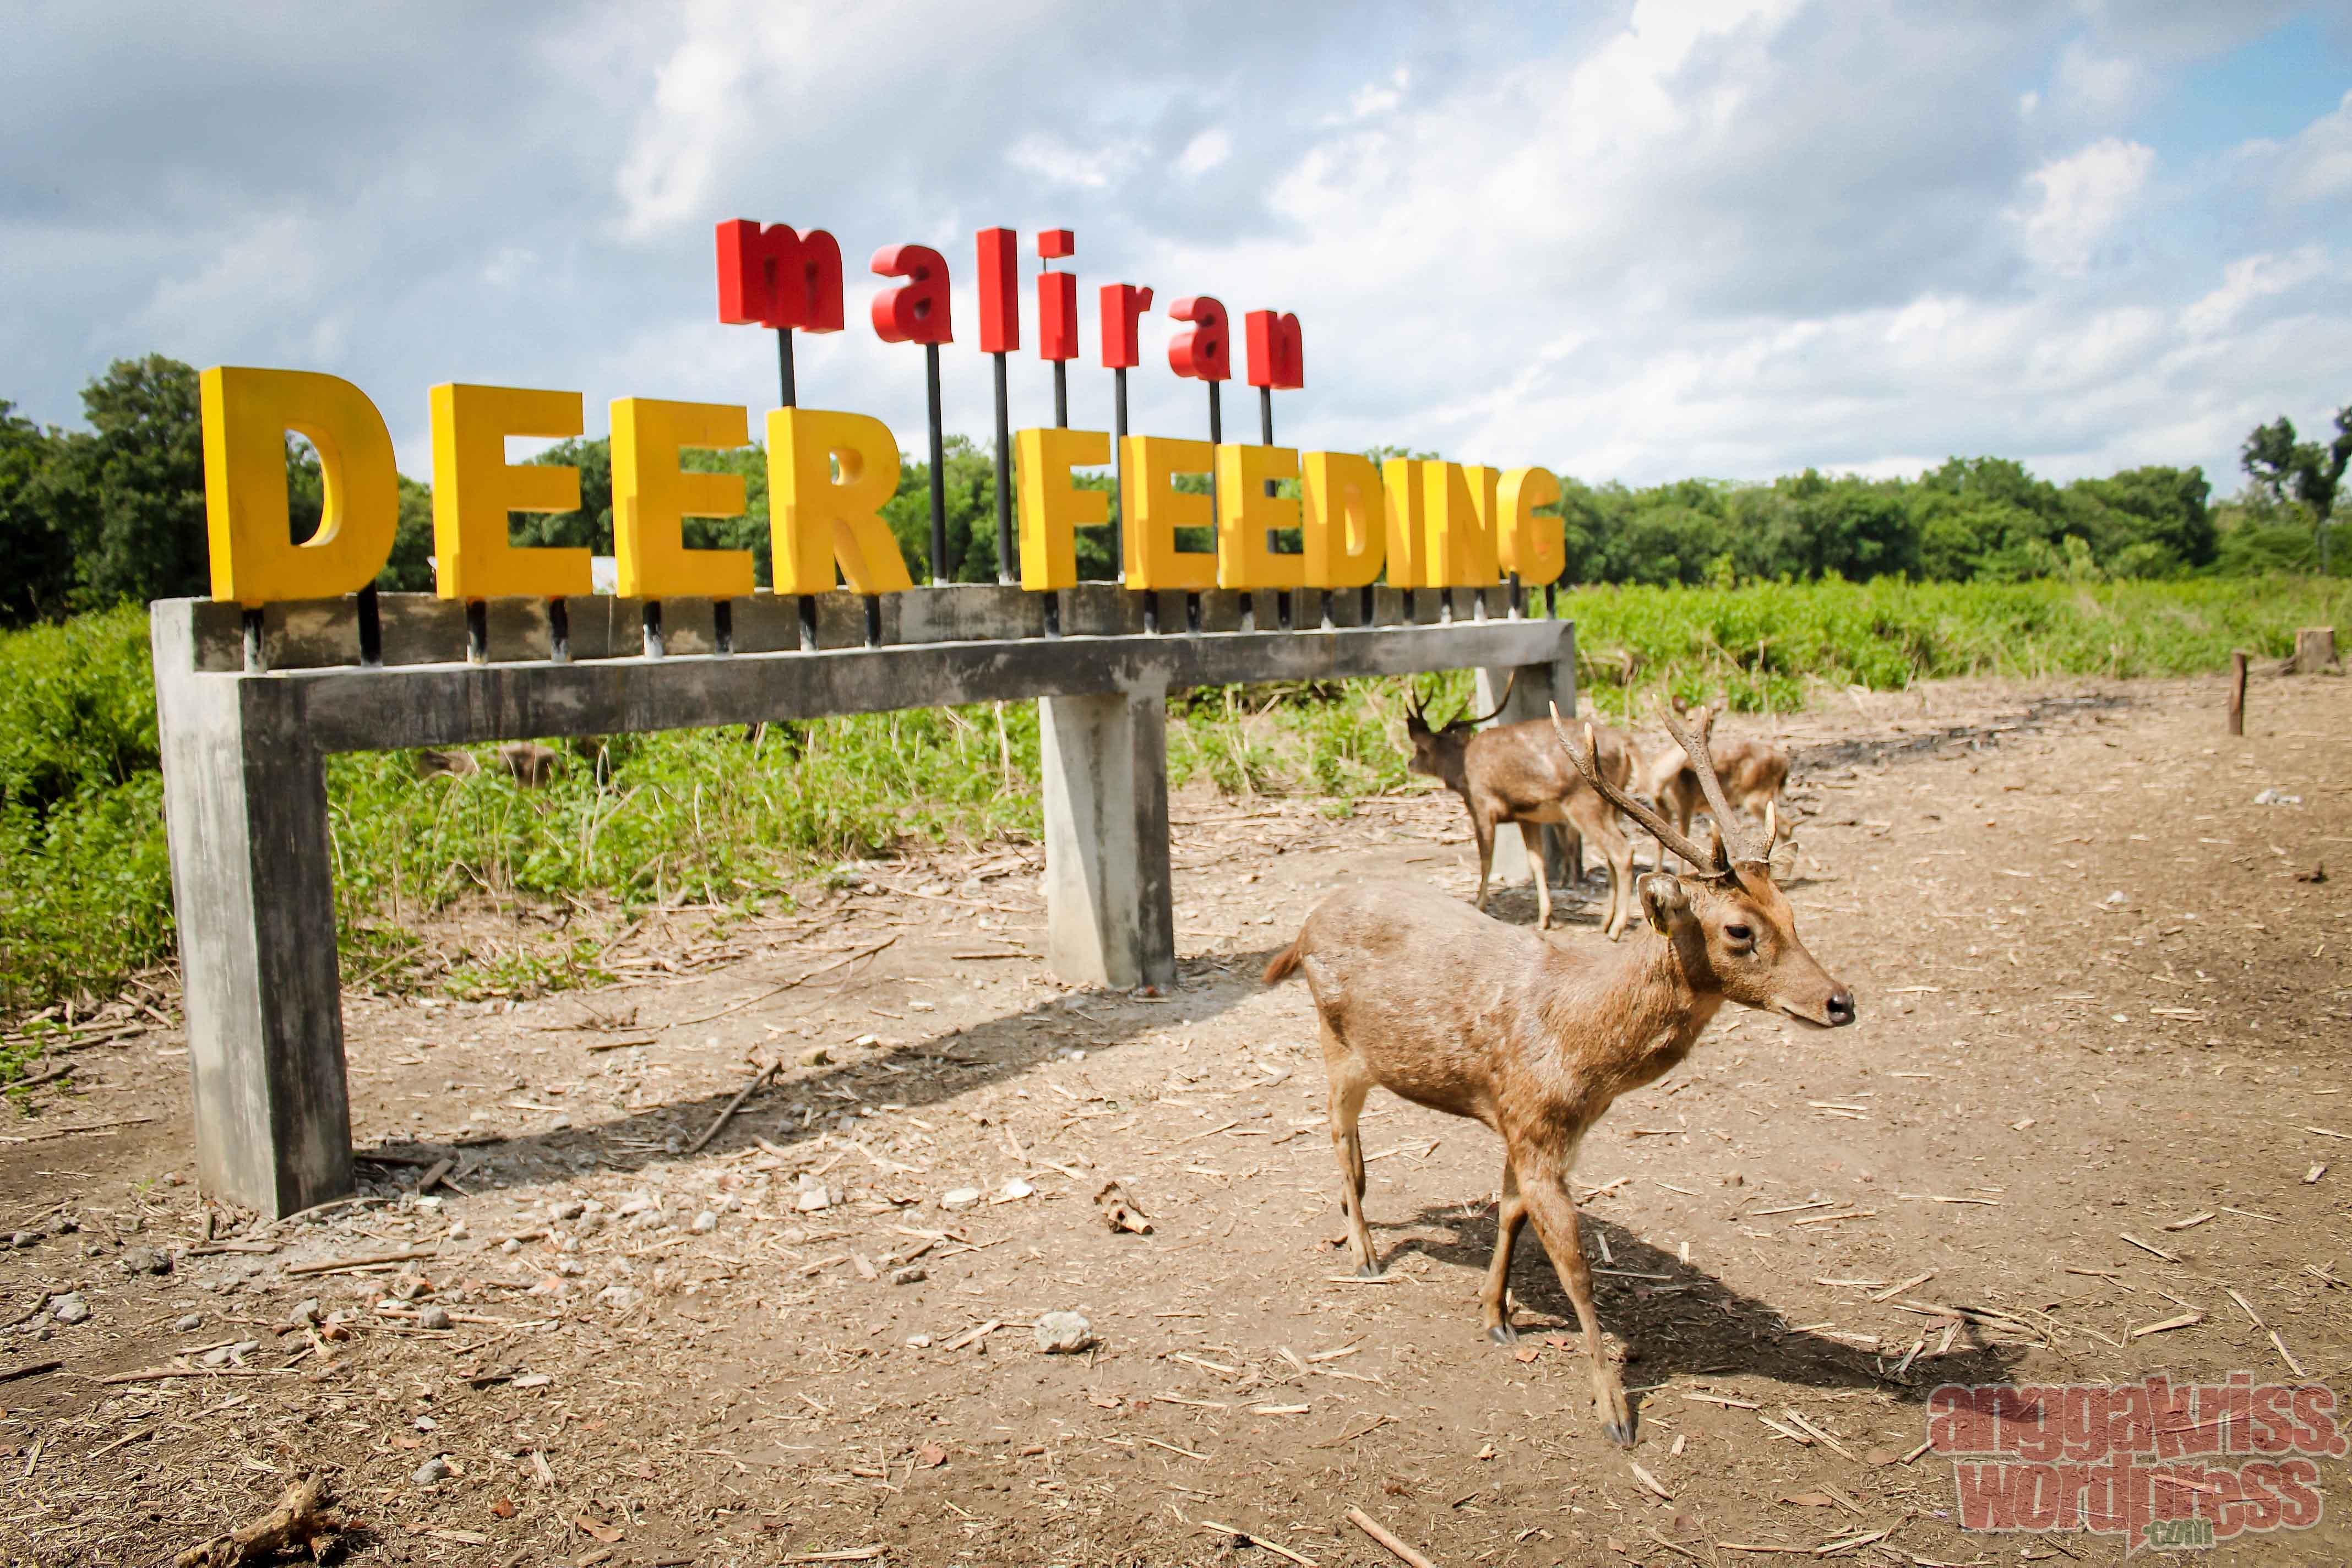 Memanjakan Rusa Maliran Deer Feeding Blitar Anggakris Blog Setelah Menit